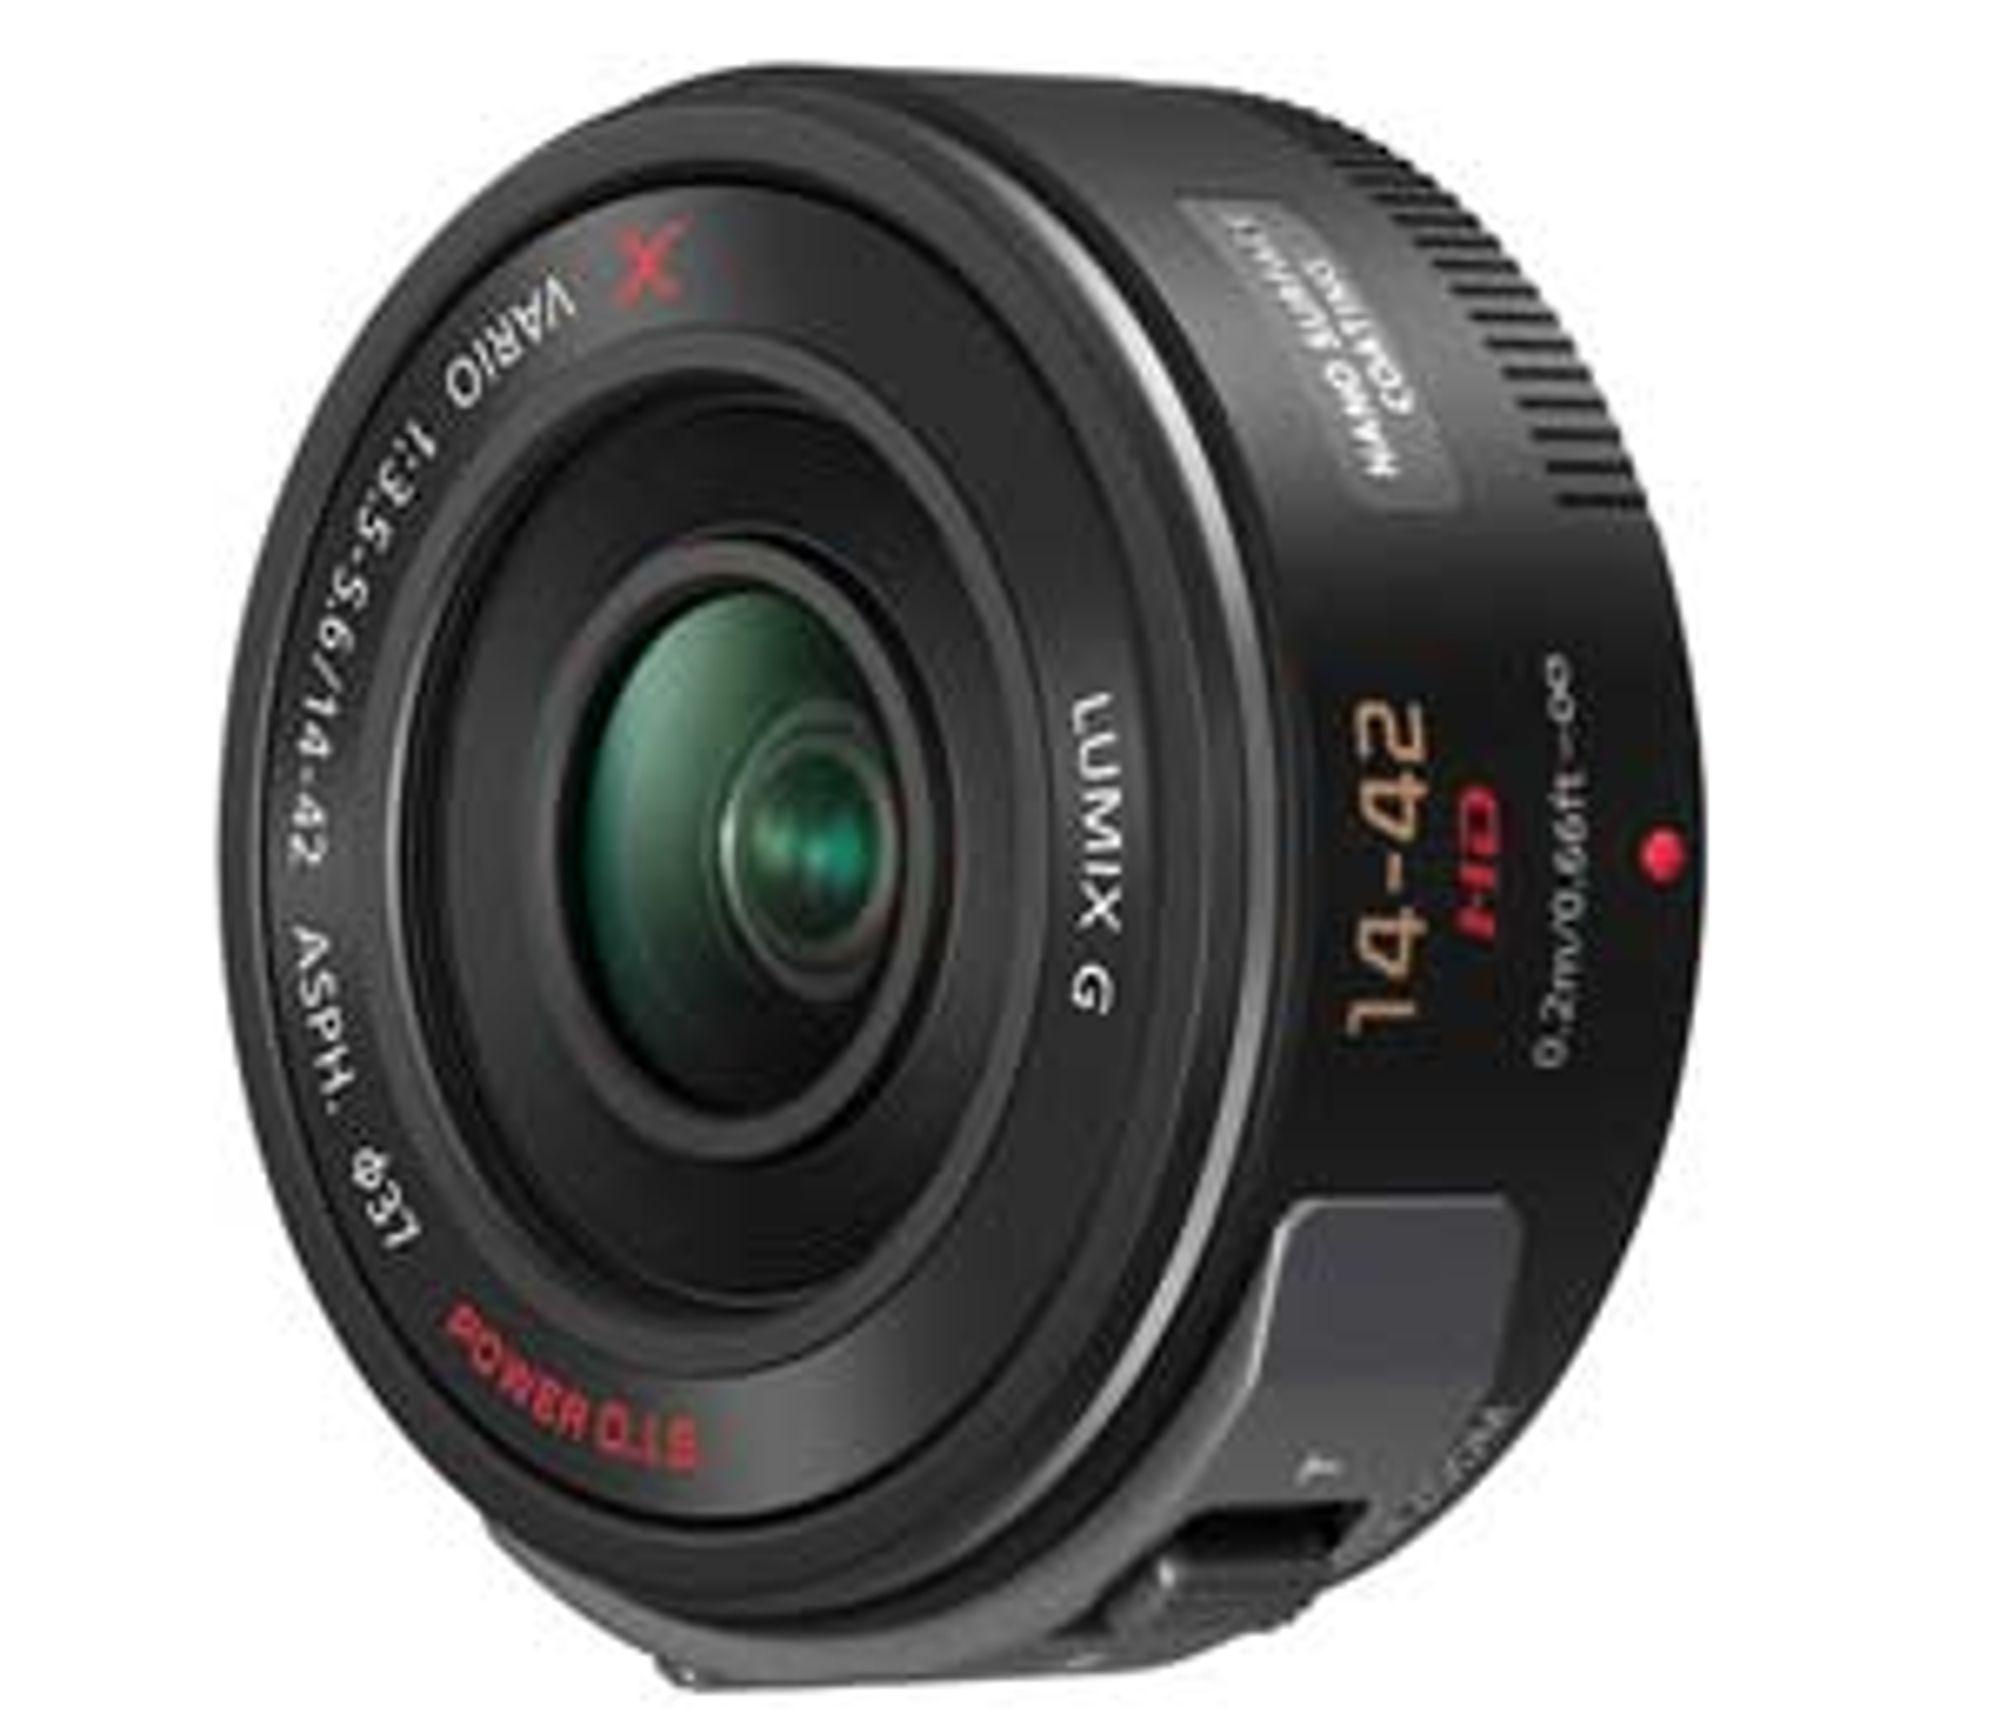 Panasonics nye 14-42mm HD F3.5-5.6 vil blir forbedret med den nye firmwaren.